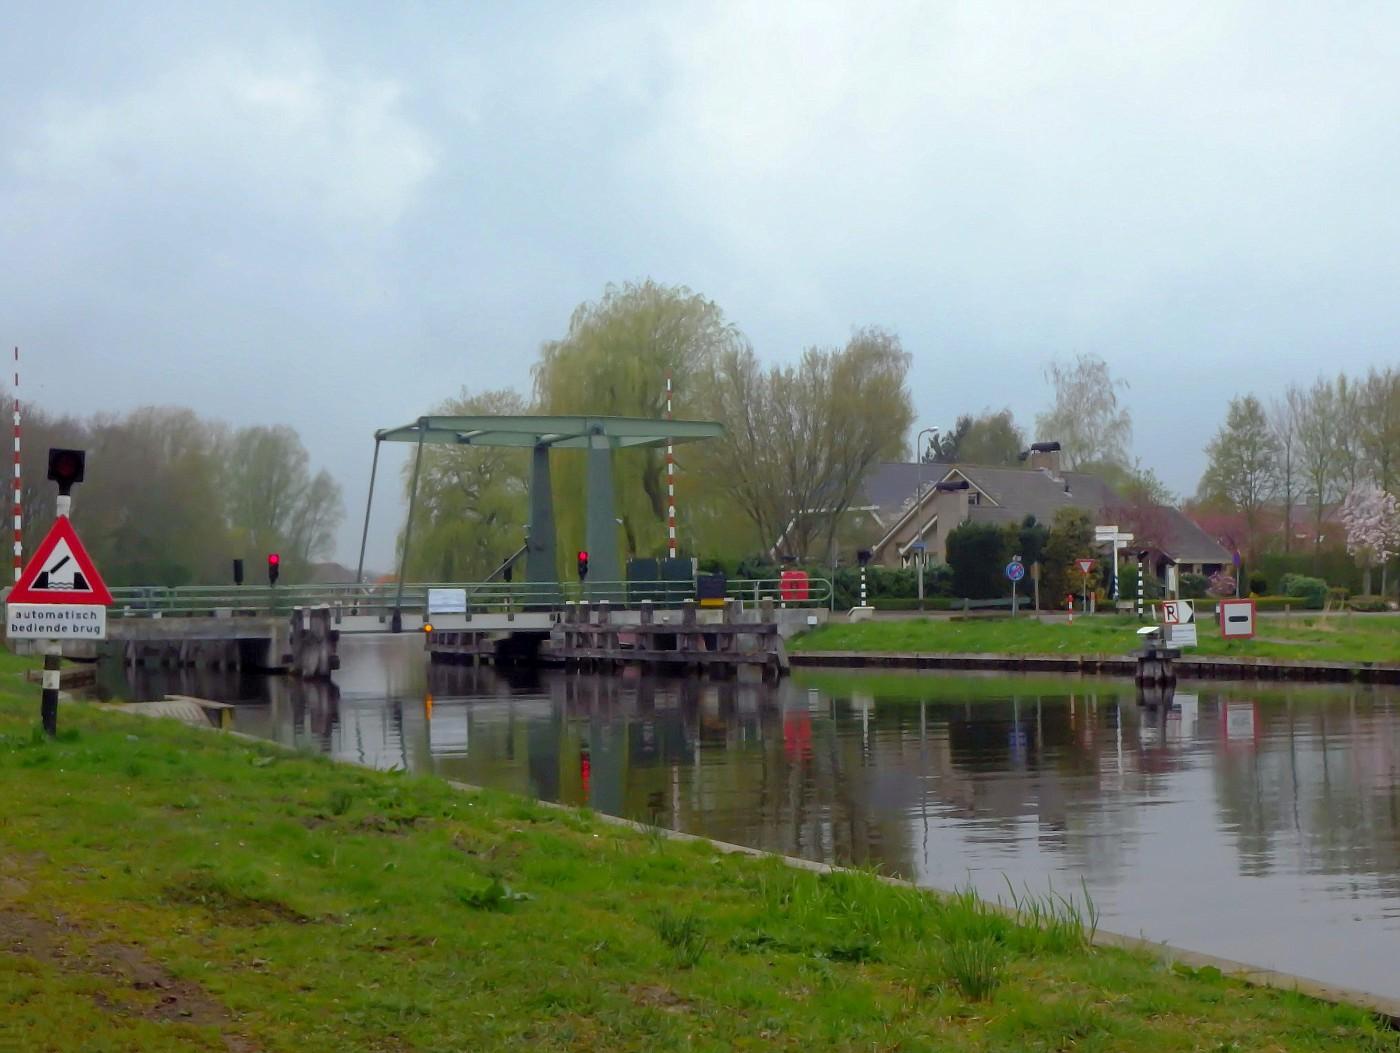 Kanaal Steenwijk - Ossenzijl